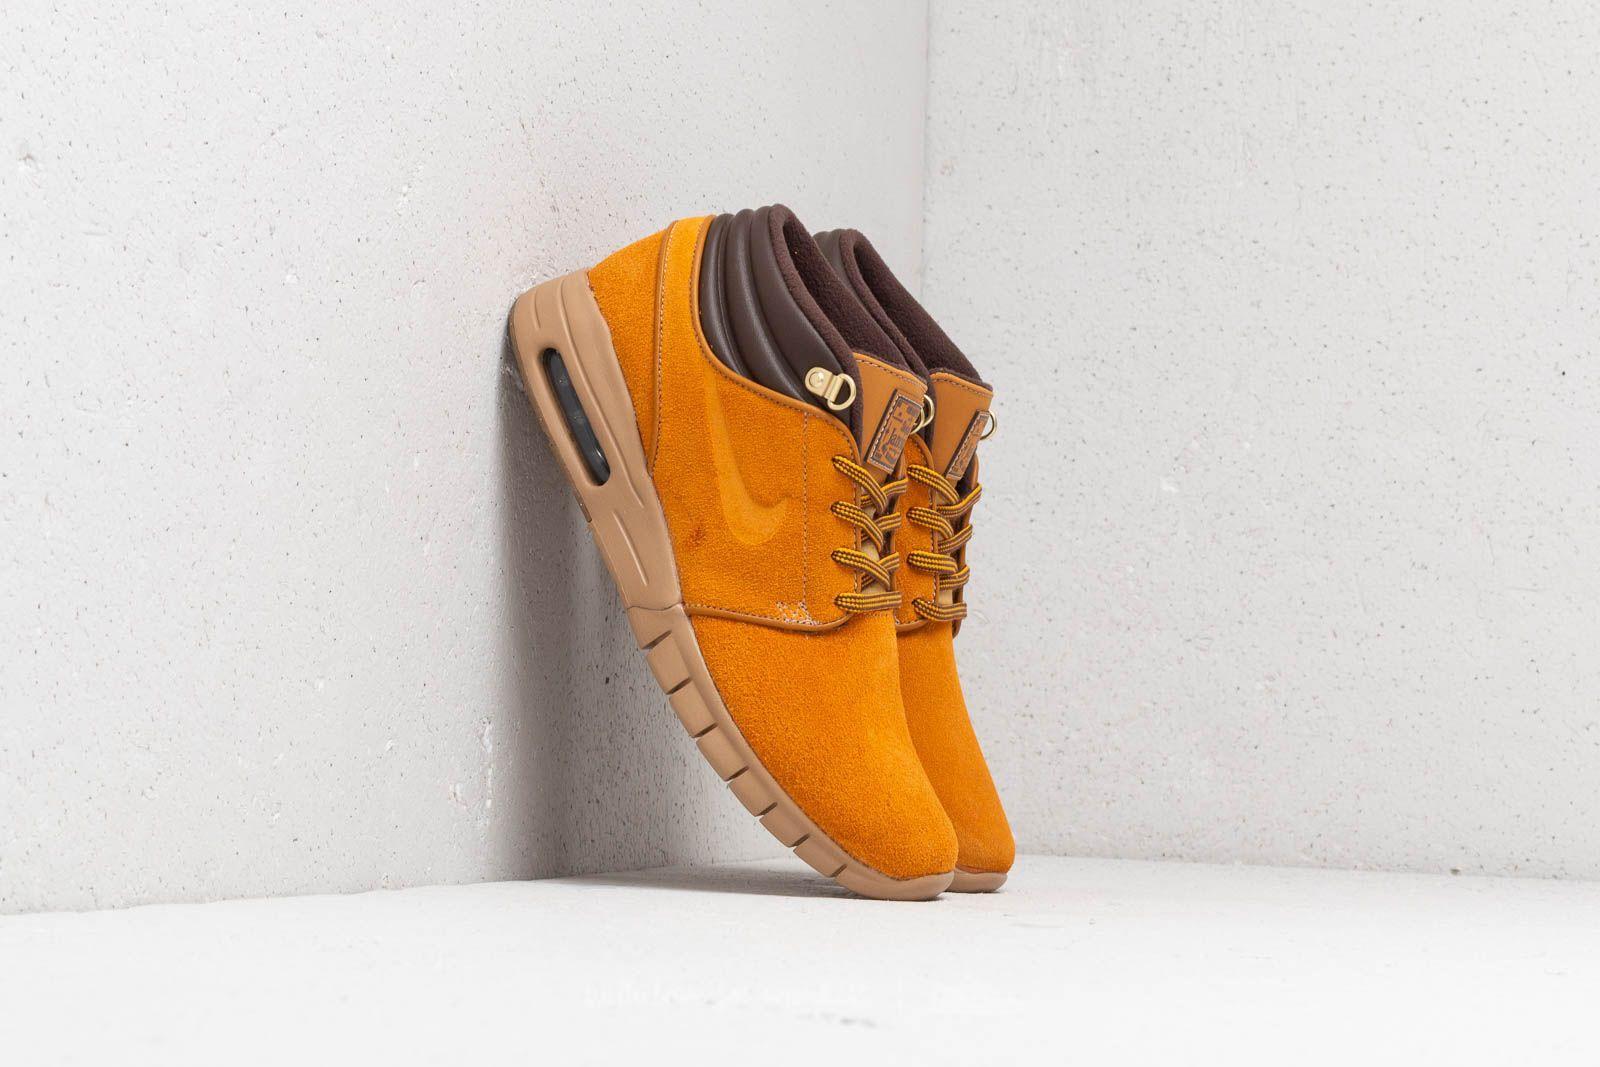 361cf42e91 Nike Sb Stefan Janoski Max Mid Premium Skate Shoe in Brown for Men ...